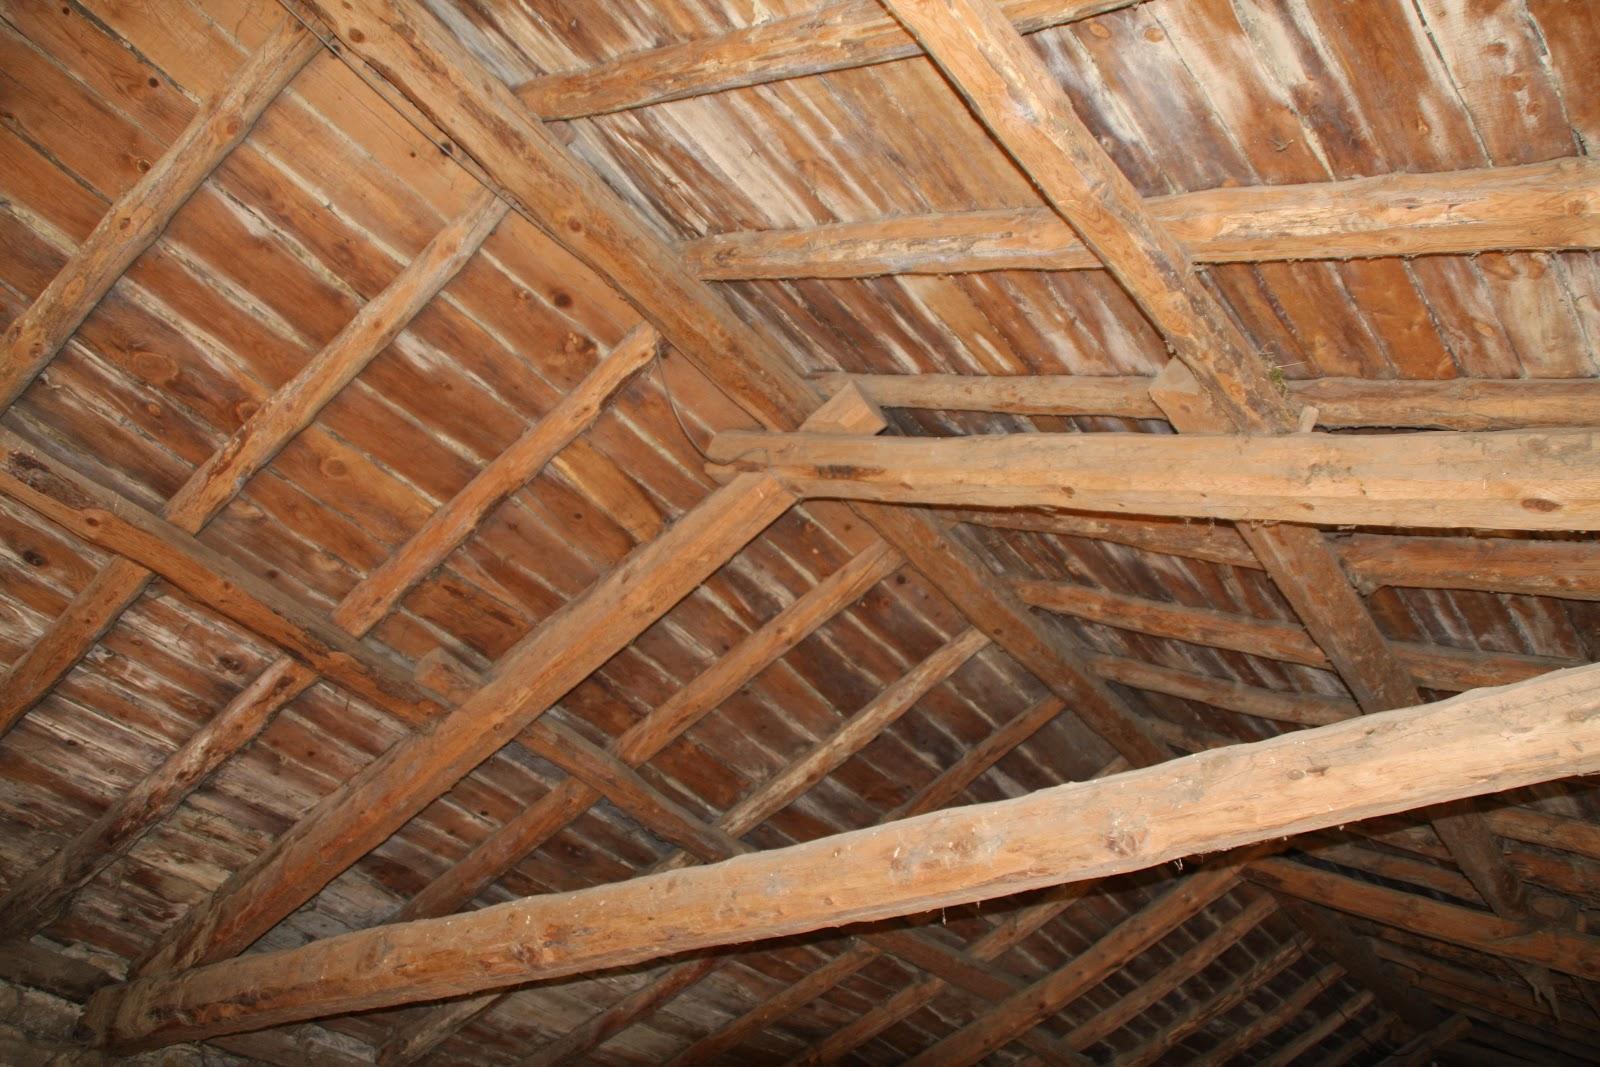 Buscando a pyrene empezando la casa por el tejado for Tejados de madera casas